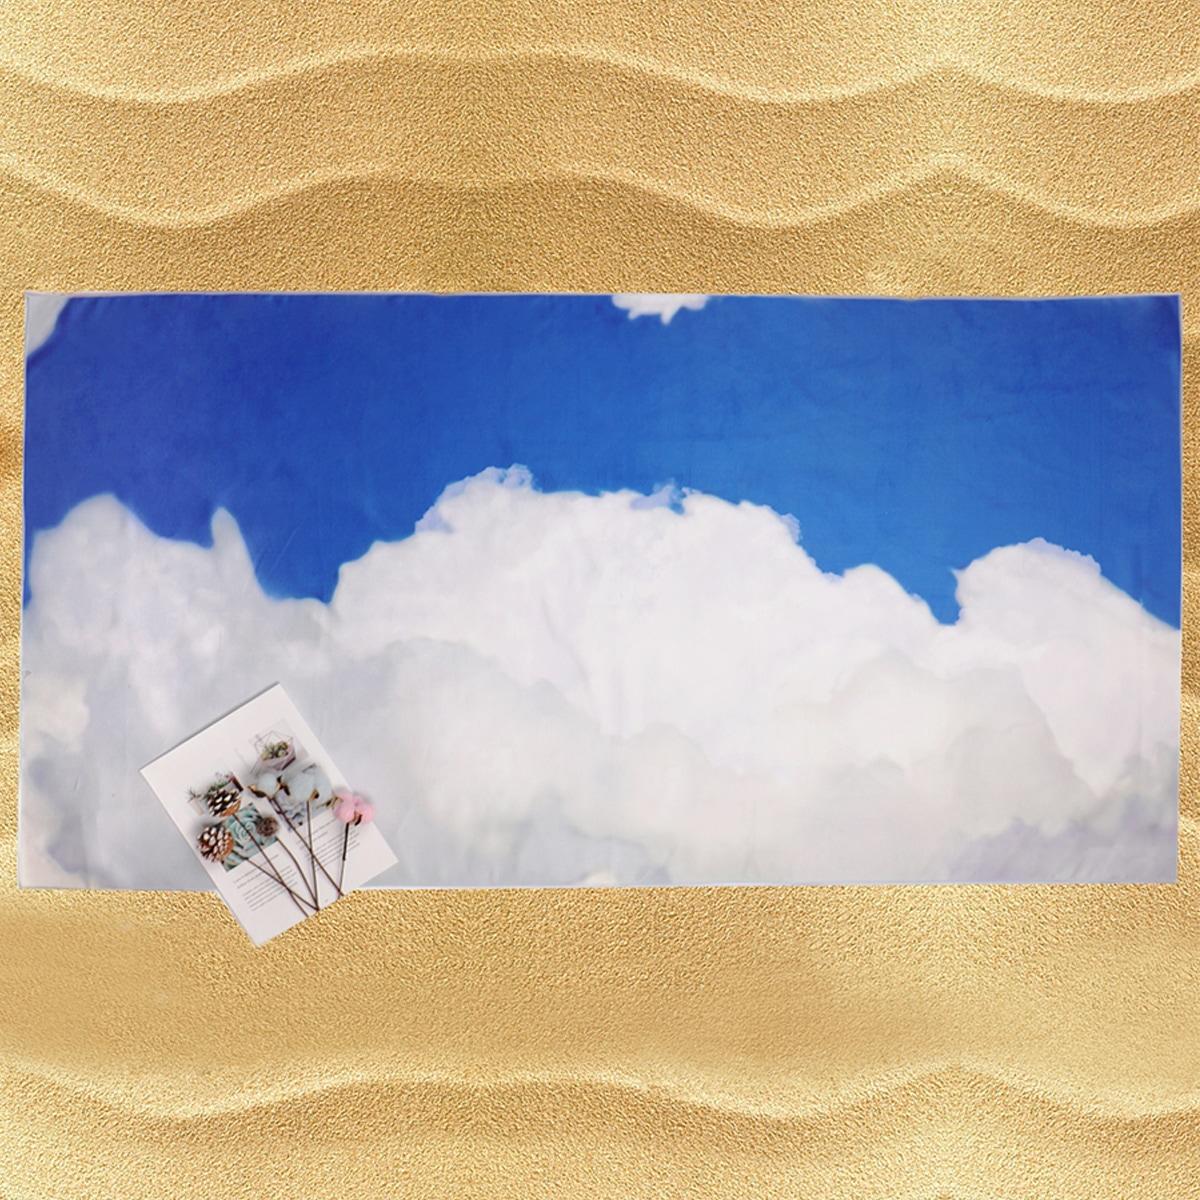 Графический принт пляжное одеяло пляжные аксессуары